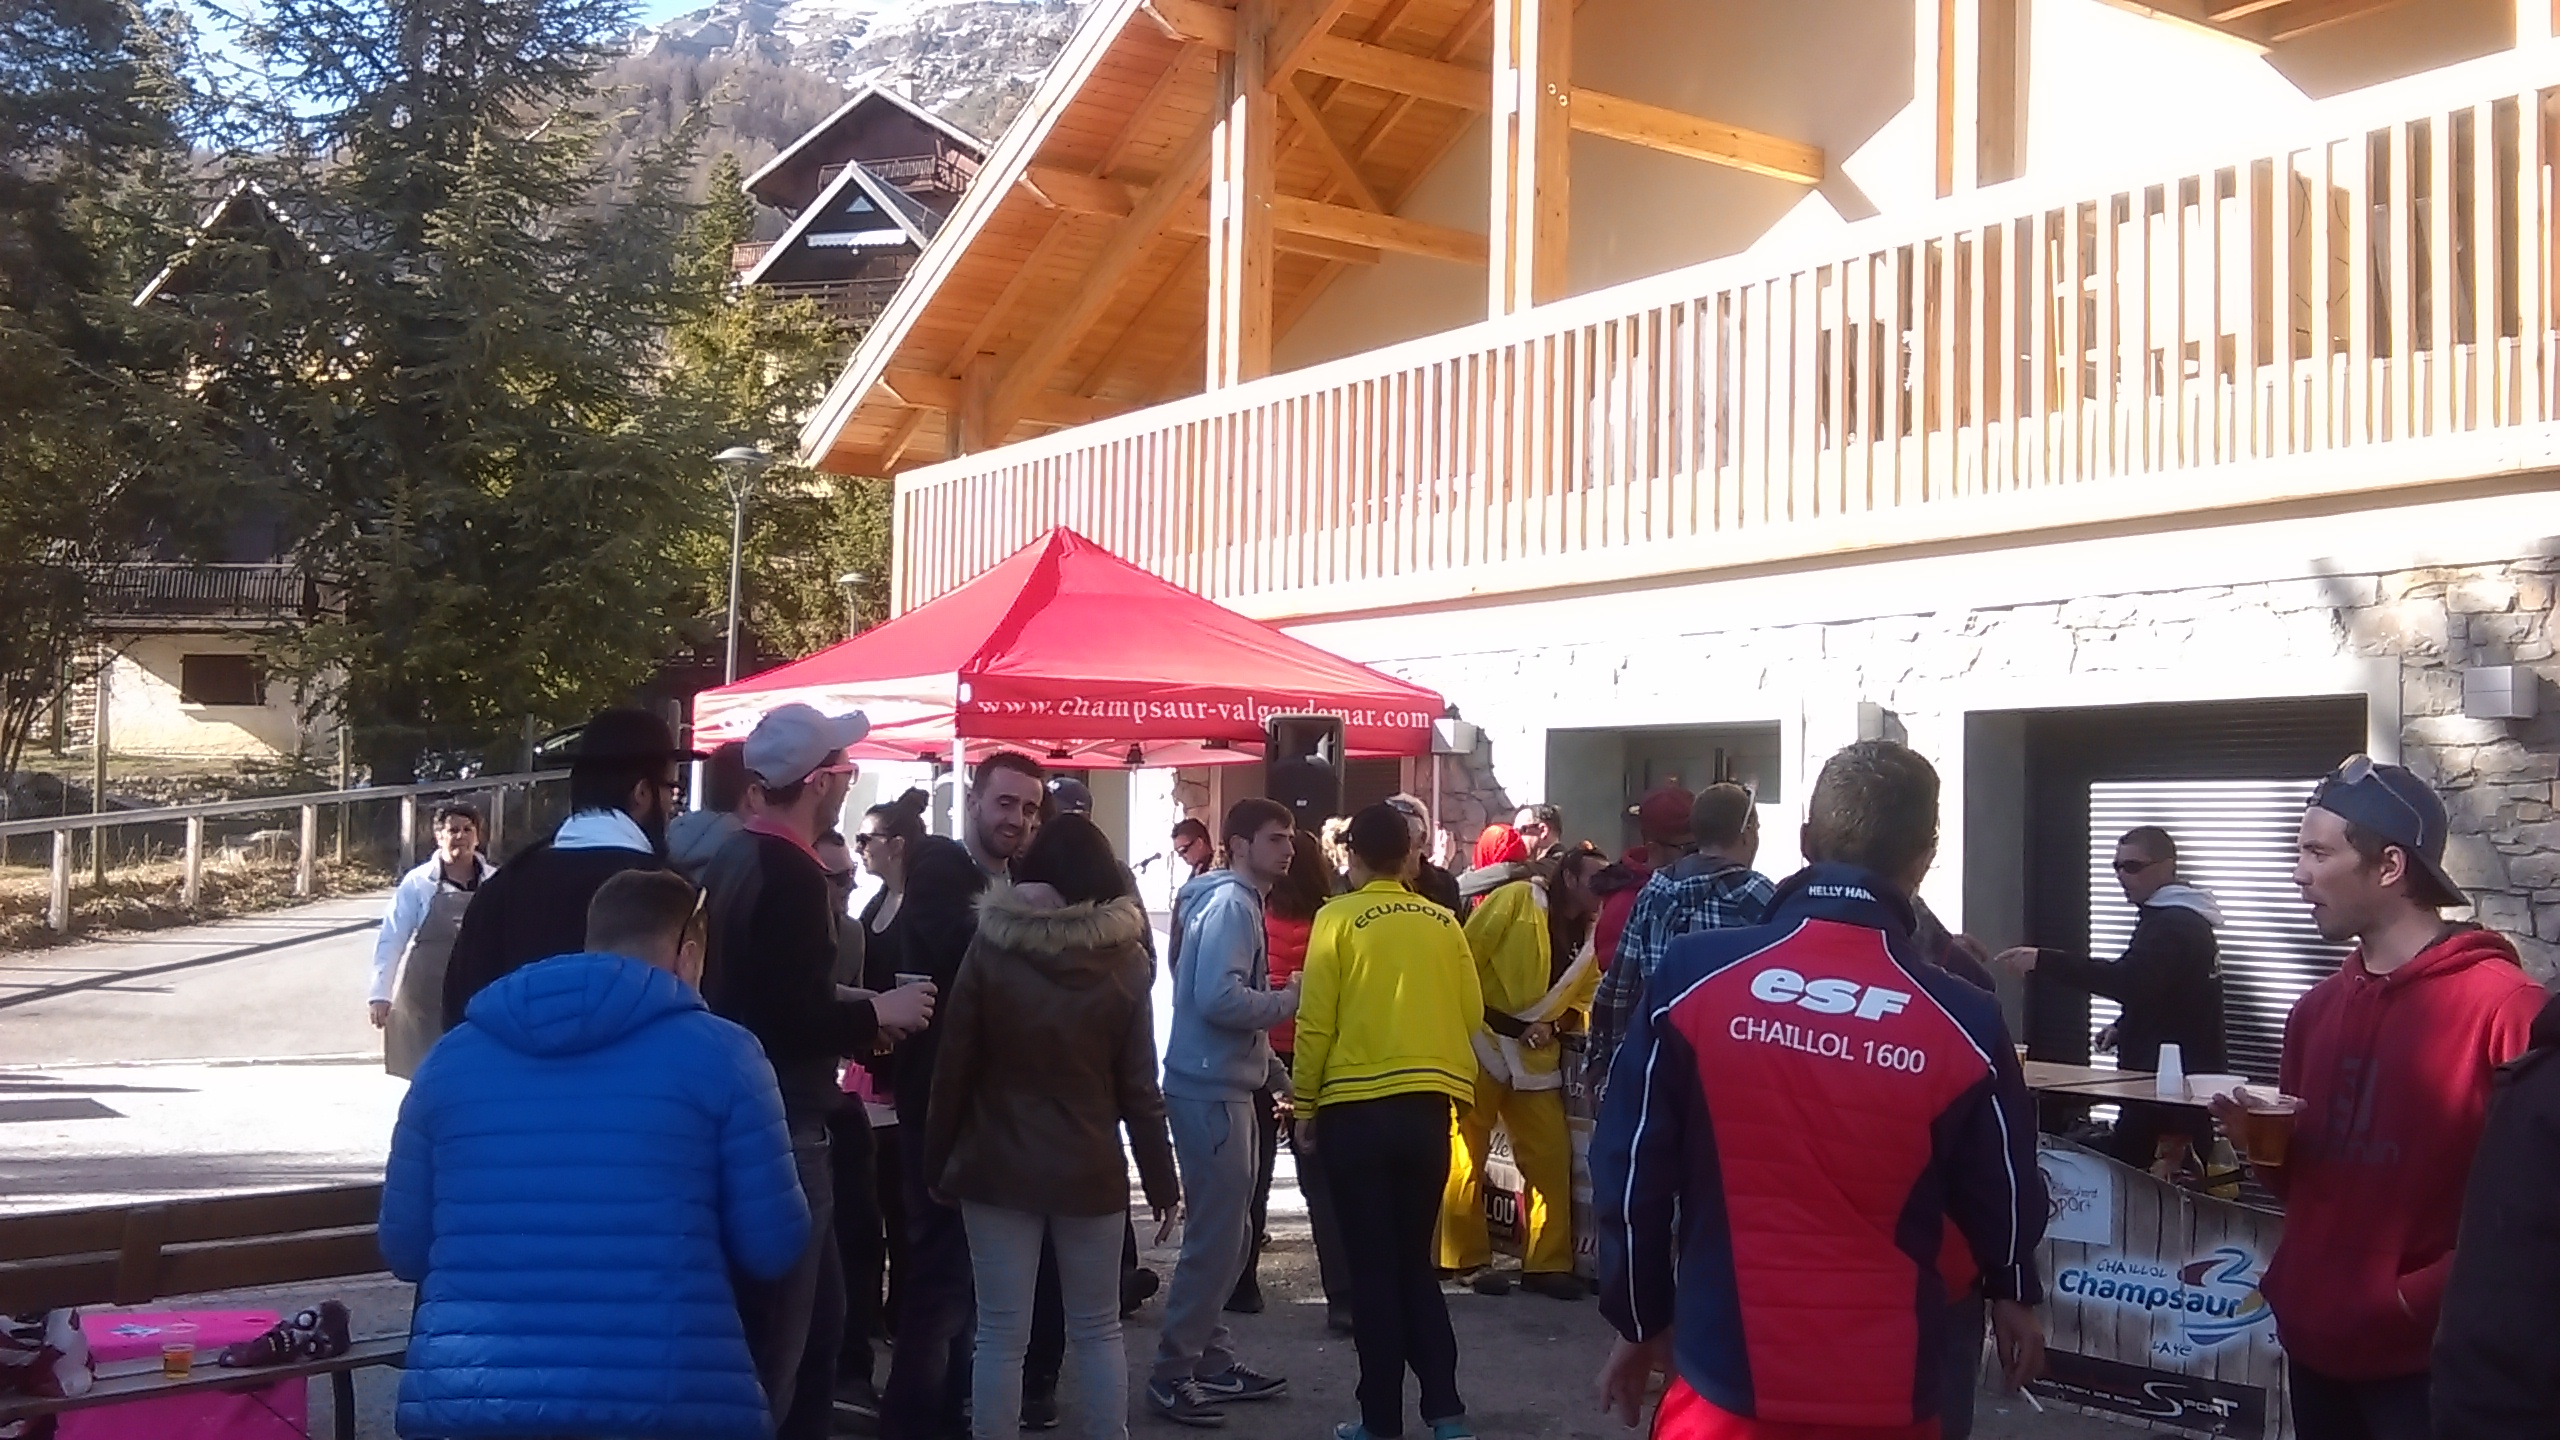 Les grandes stations ne sont pas les seules à proposer des activités hors-ski.